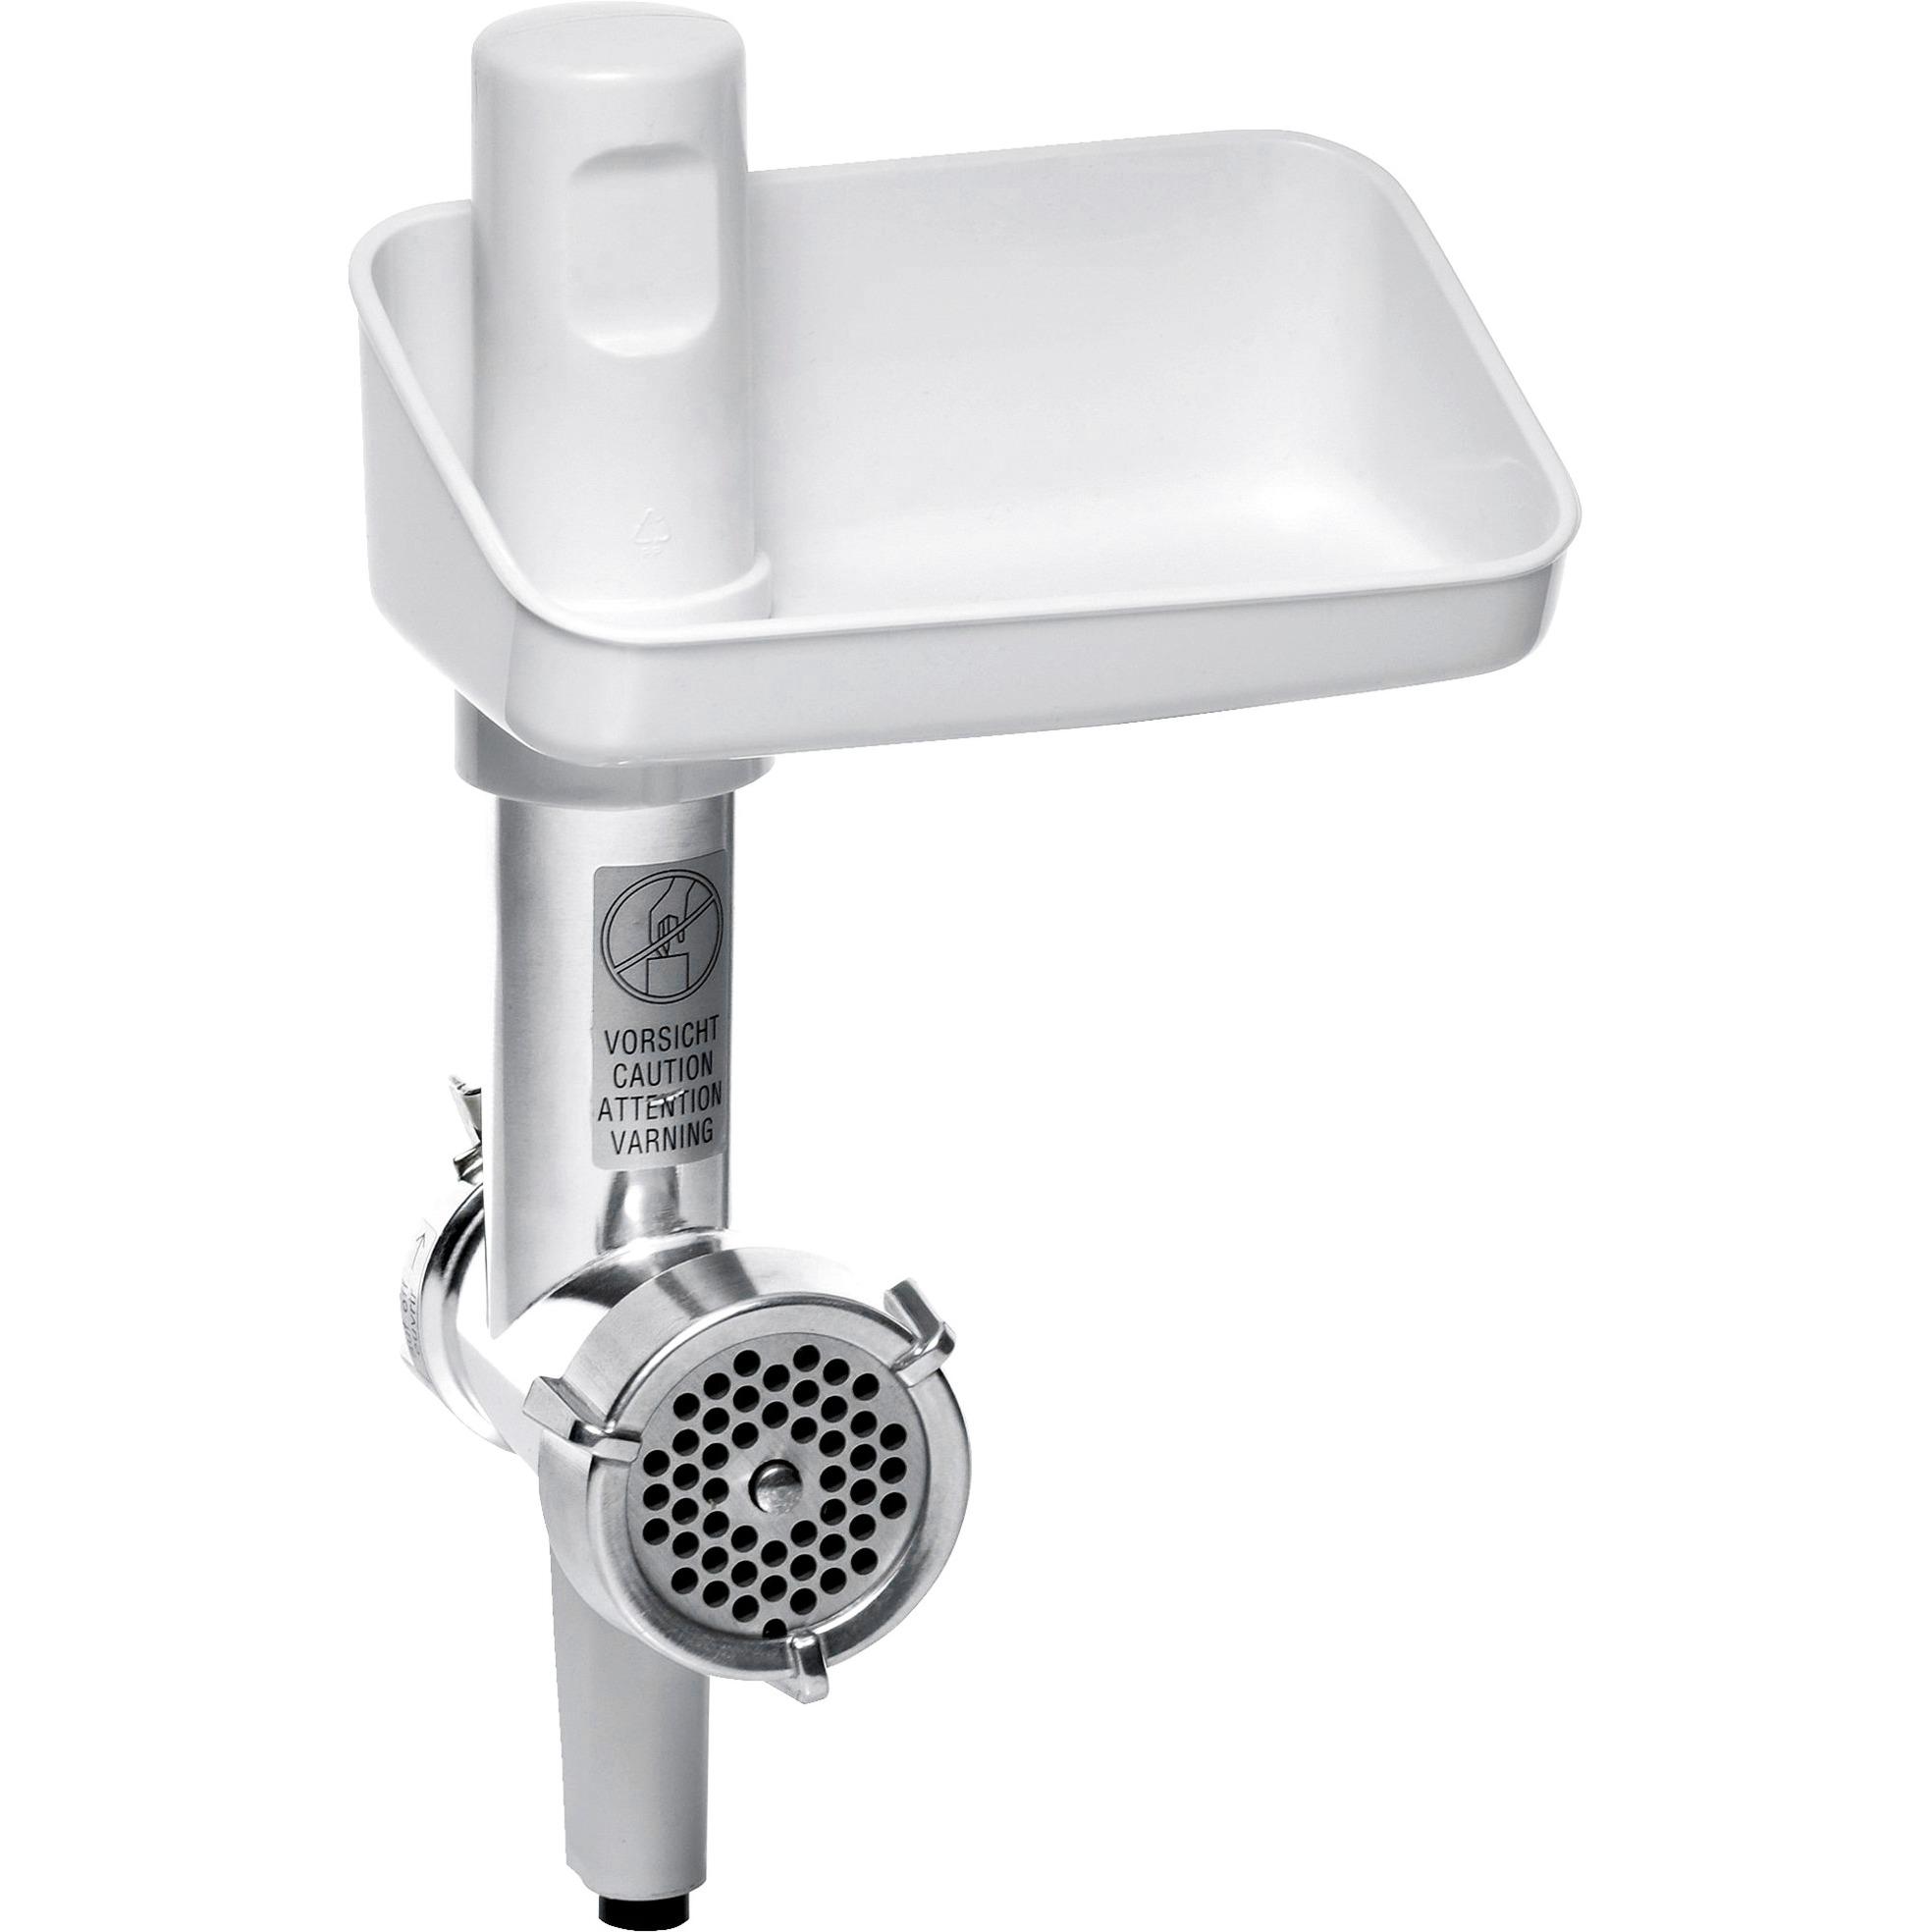 MUZ5FW1 batidora y accesorio para mezclar alimentos, Picadora de carne